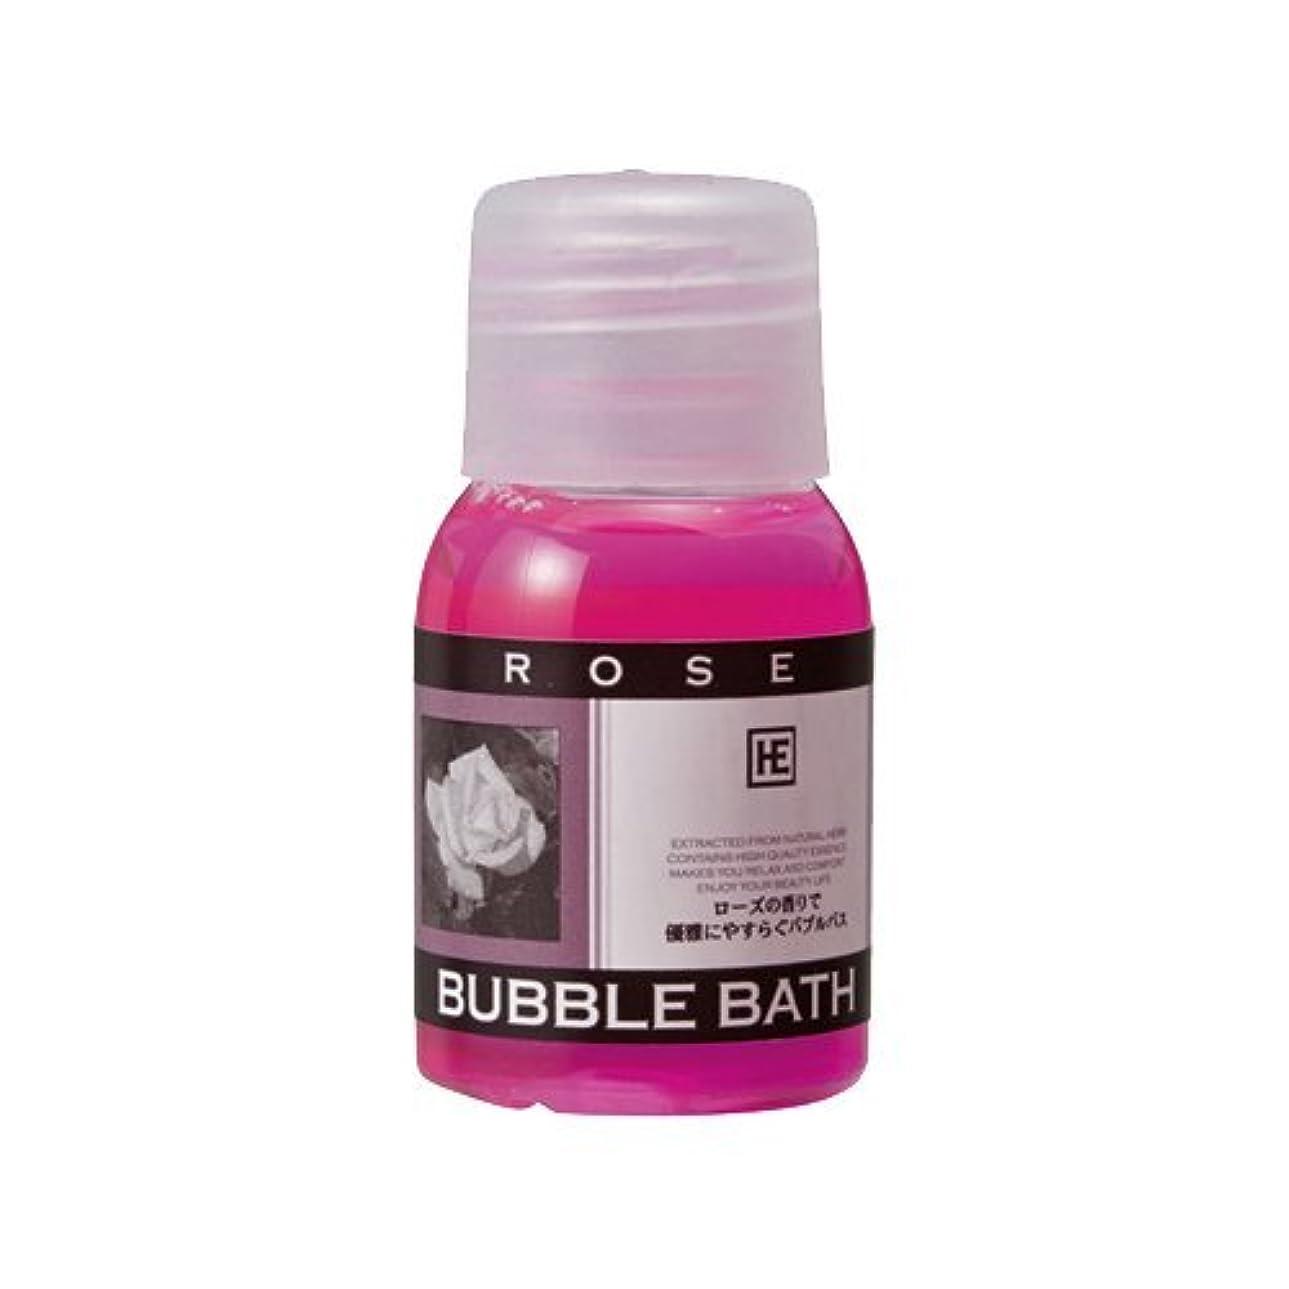 ひねくれた舌ビタミンハーバルエクストラ バブルバス ミニボトル ローズの香り × 20個セット - ホテルアメニティ 業務用 発泡入浴剤 (BUBBLE BATH)